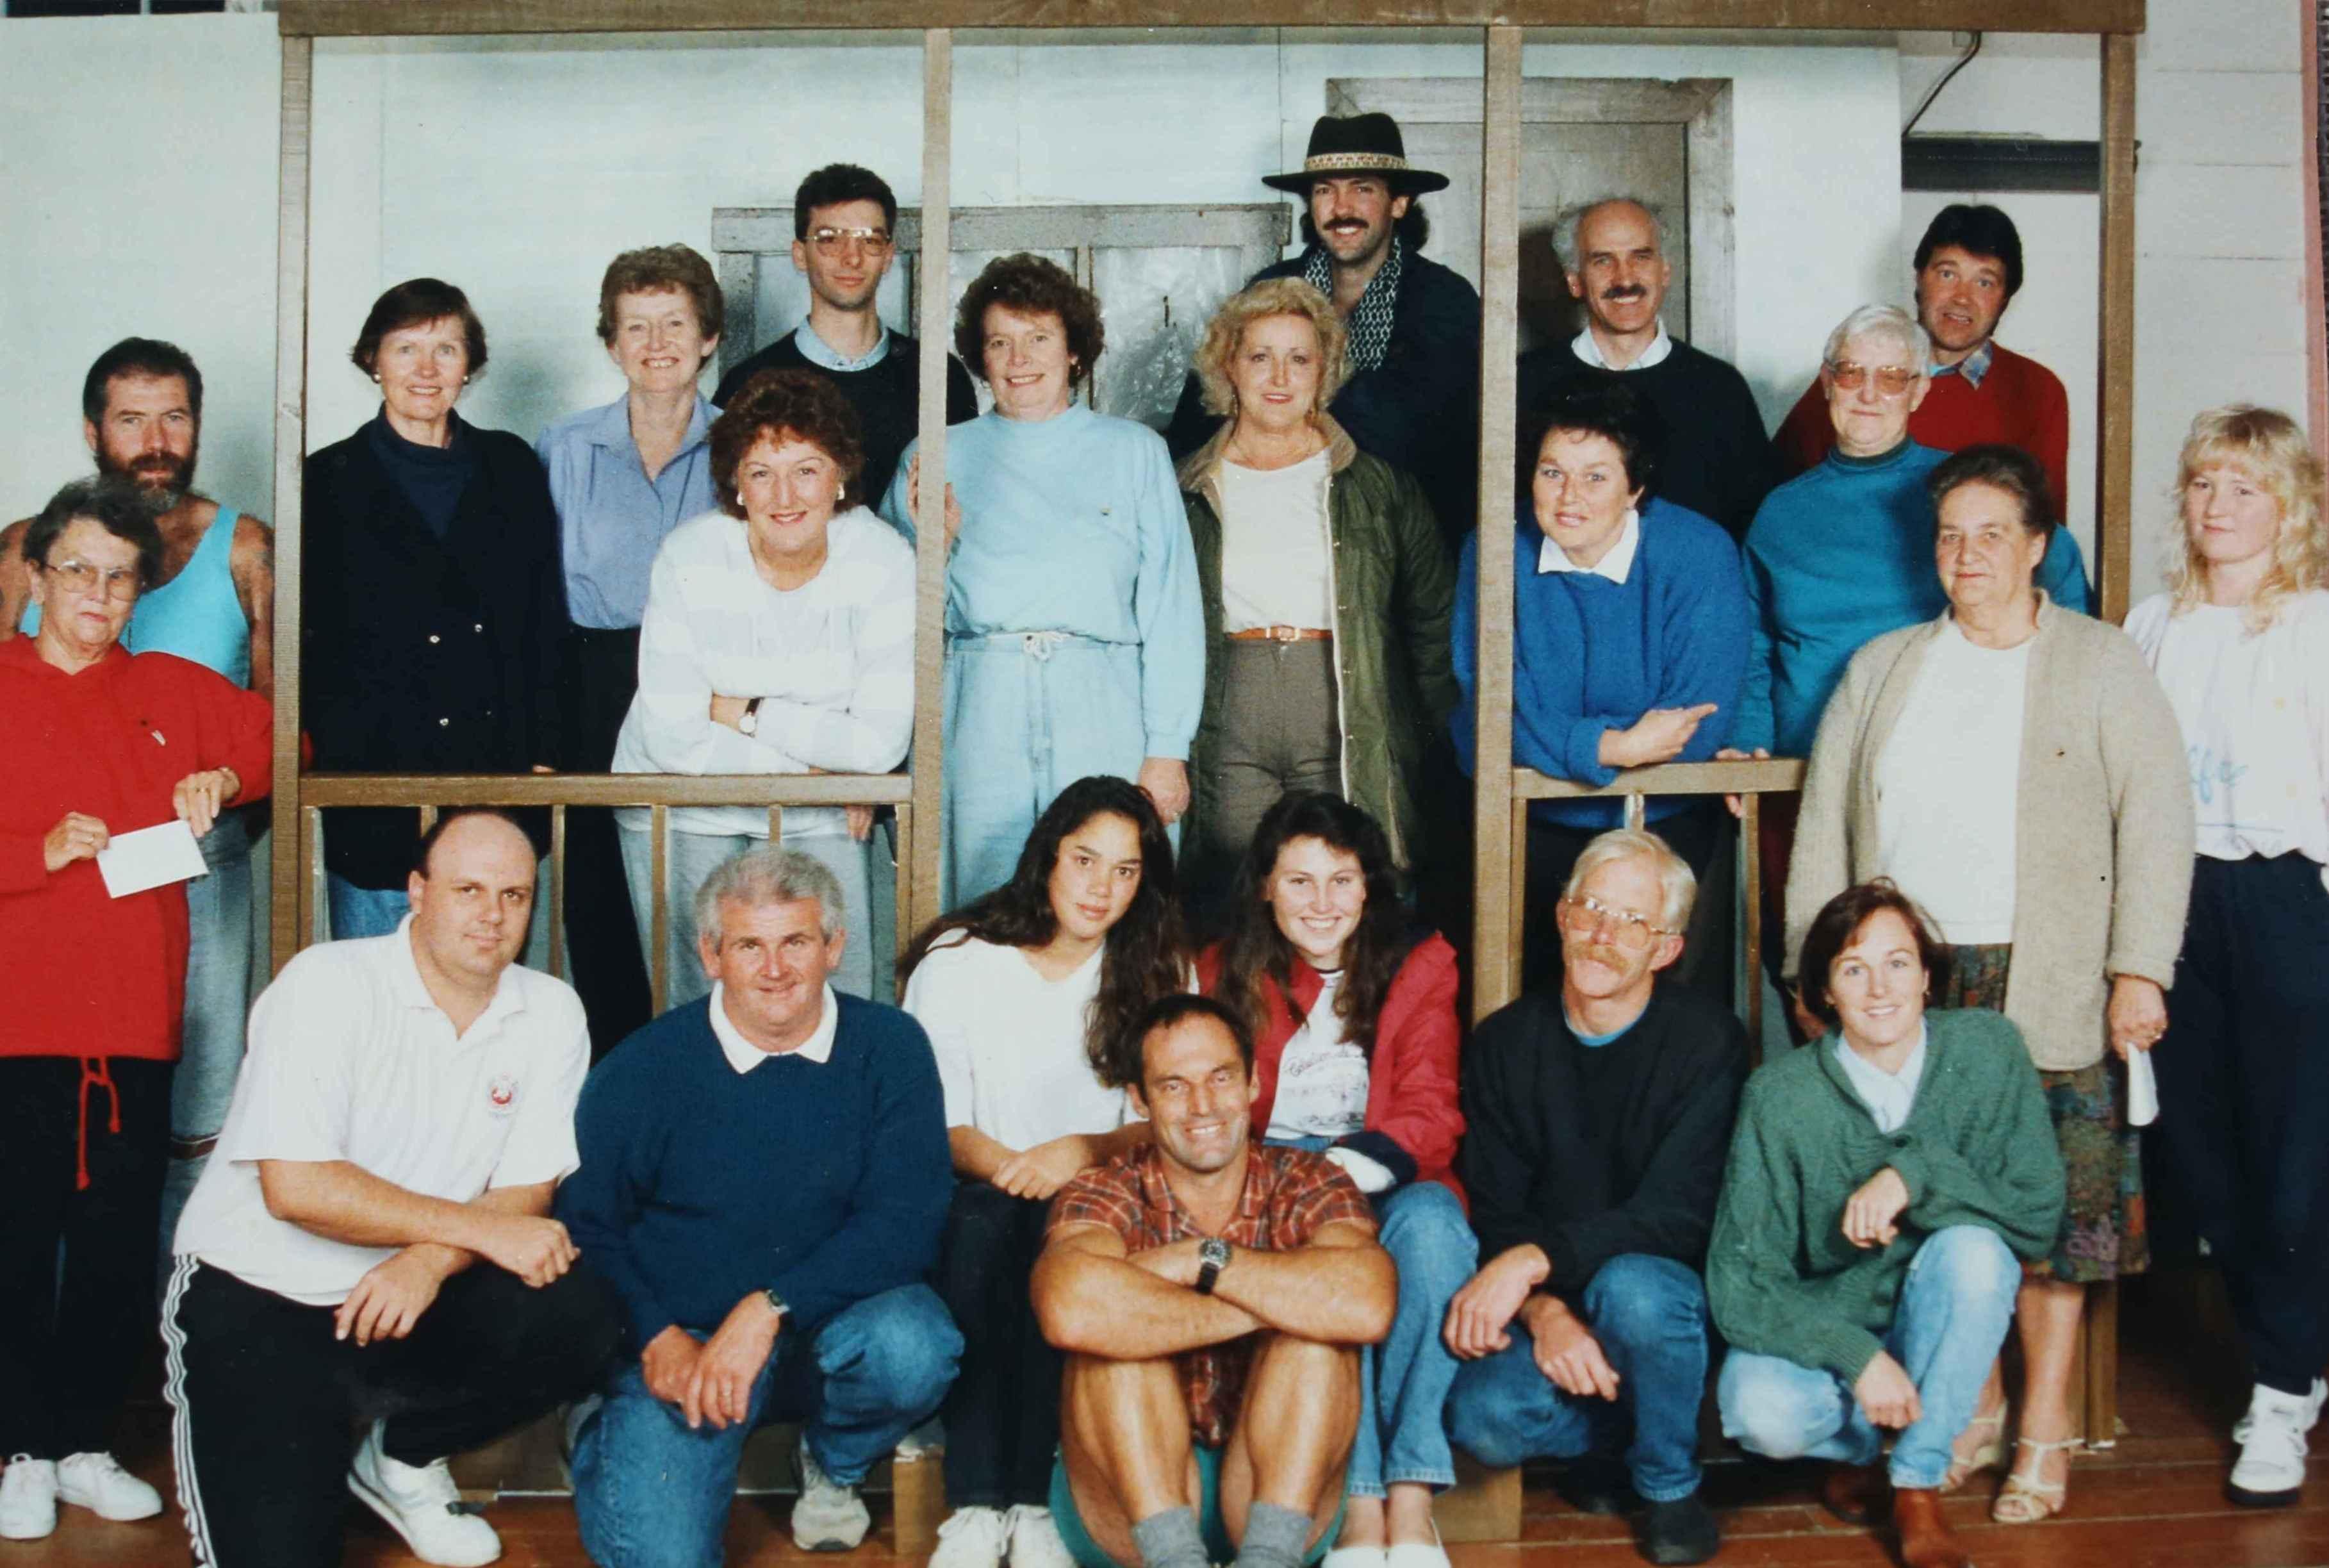 Footrot Flats cast & crew